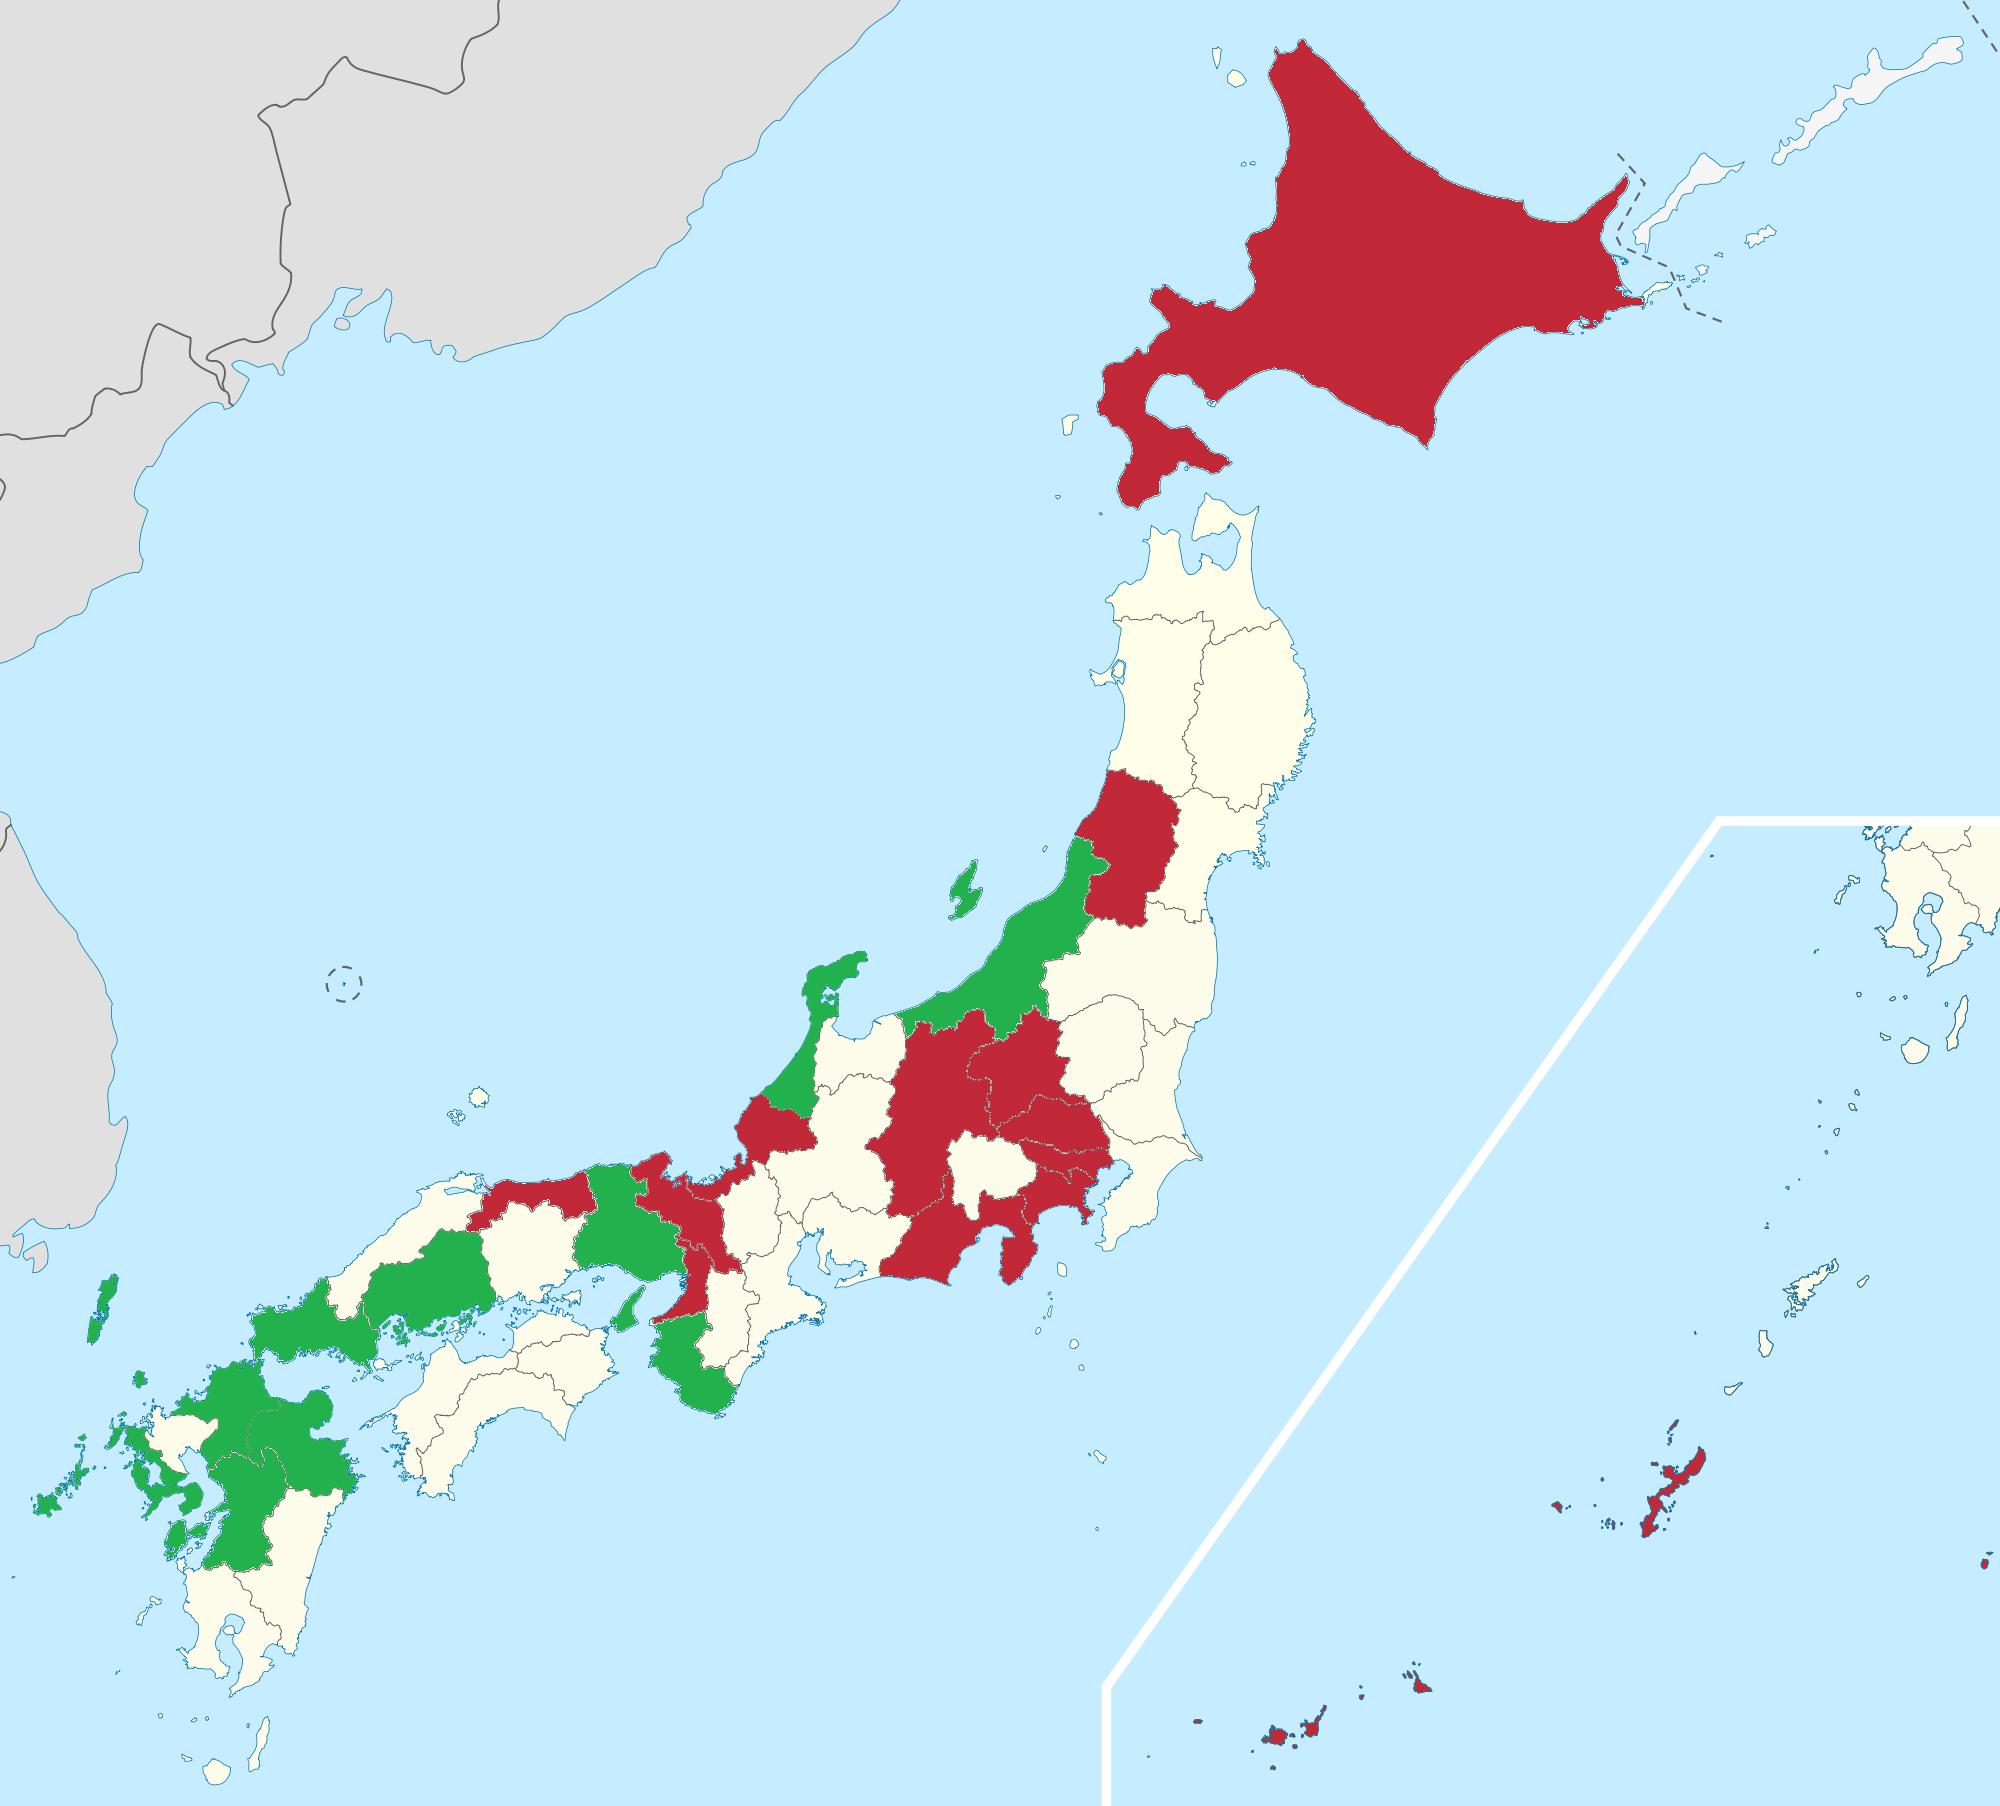 Allgemein Bietet Auch Der Japan Artikel Bereits Einen Guten Überblick Und  Insbesondere Die Karte Finde Ich Sehr Gelungen. *JapaneseMelli Und Mir  Selbst Auf ...